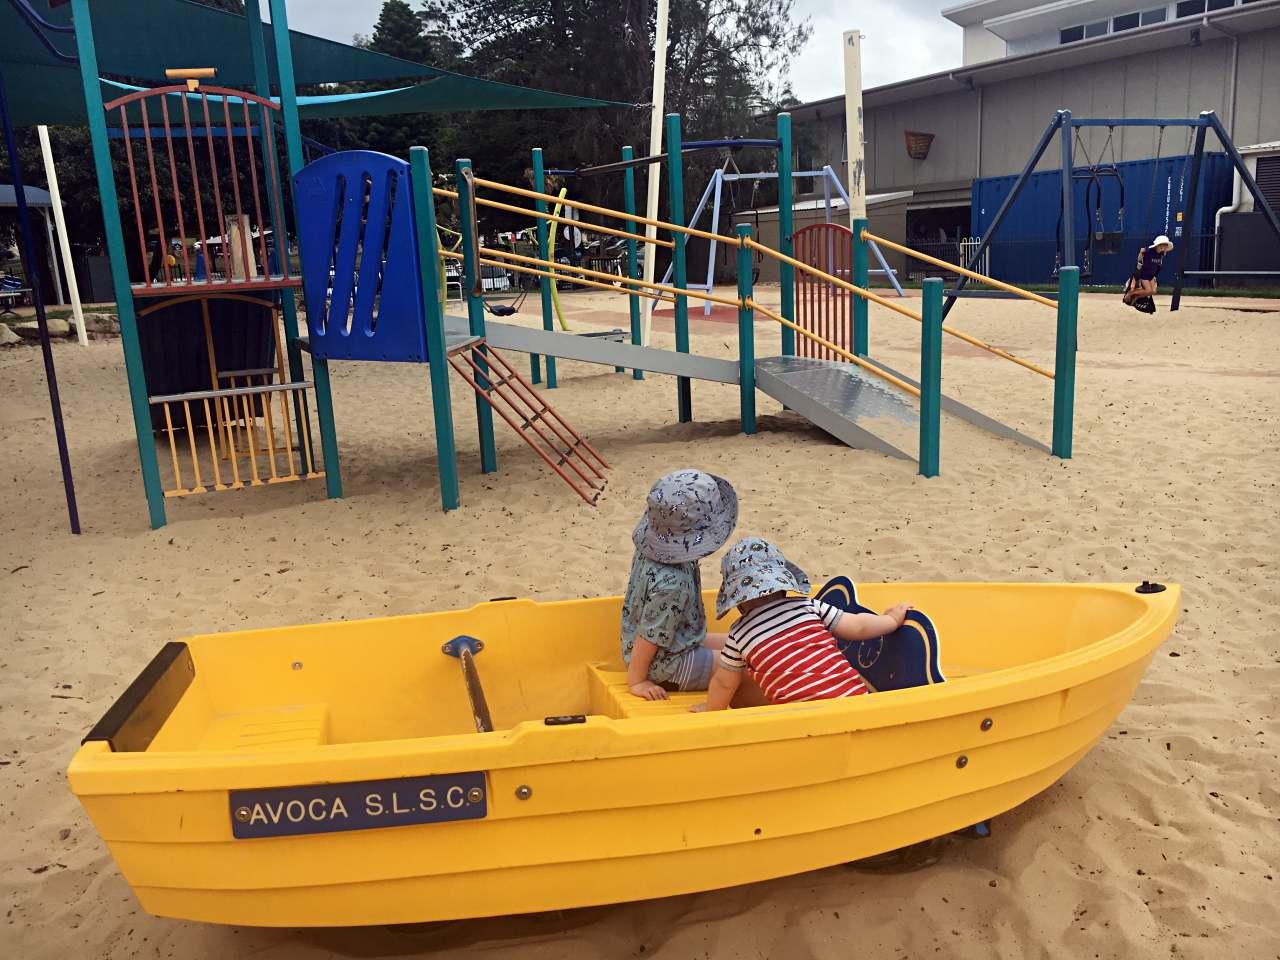 The boat at Avoca Beach park